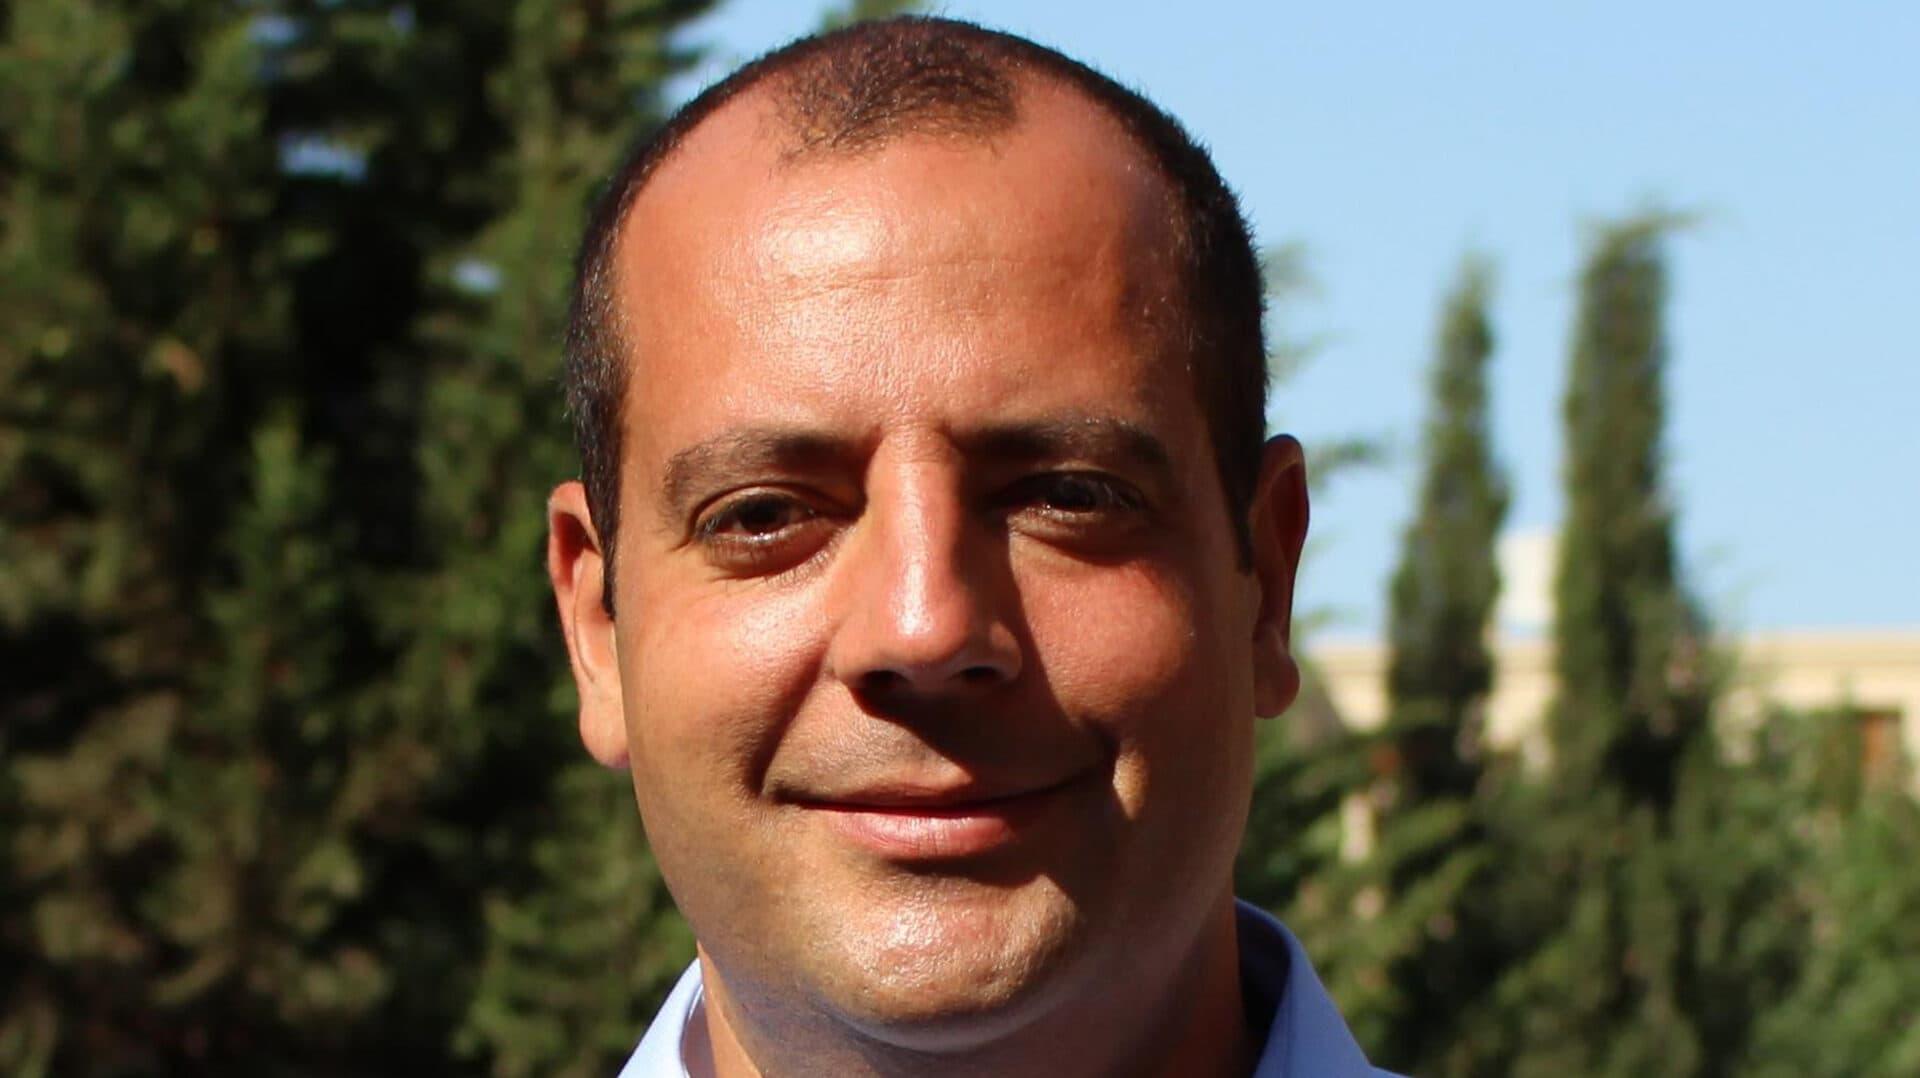 Karim Chaouch